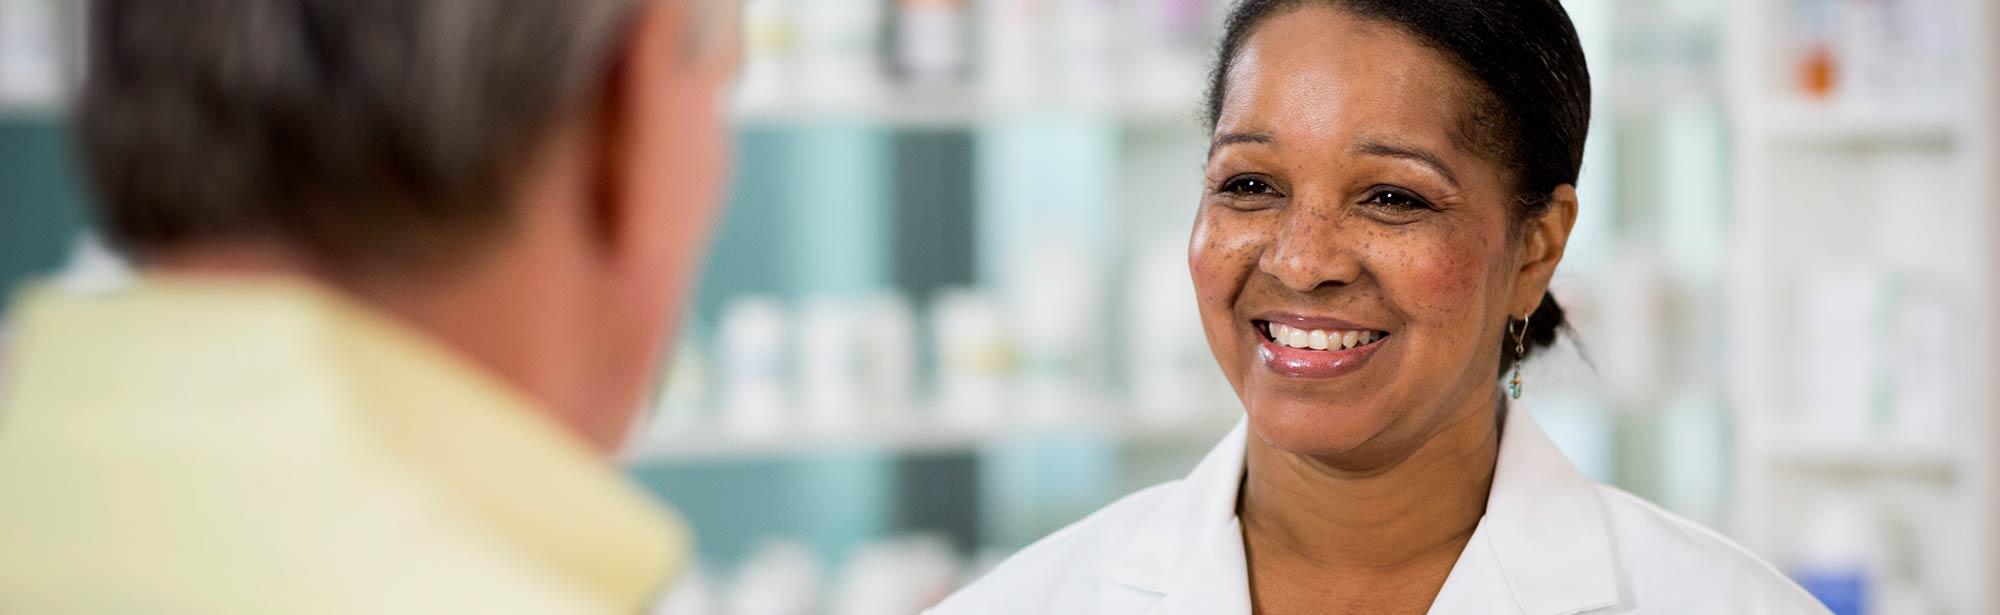 Pharmacy | HealthPartners